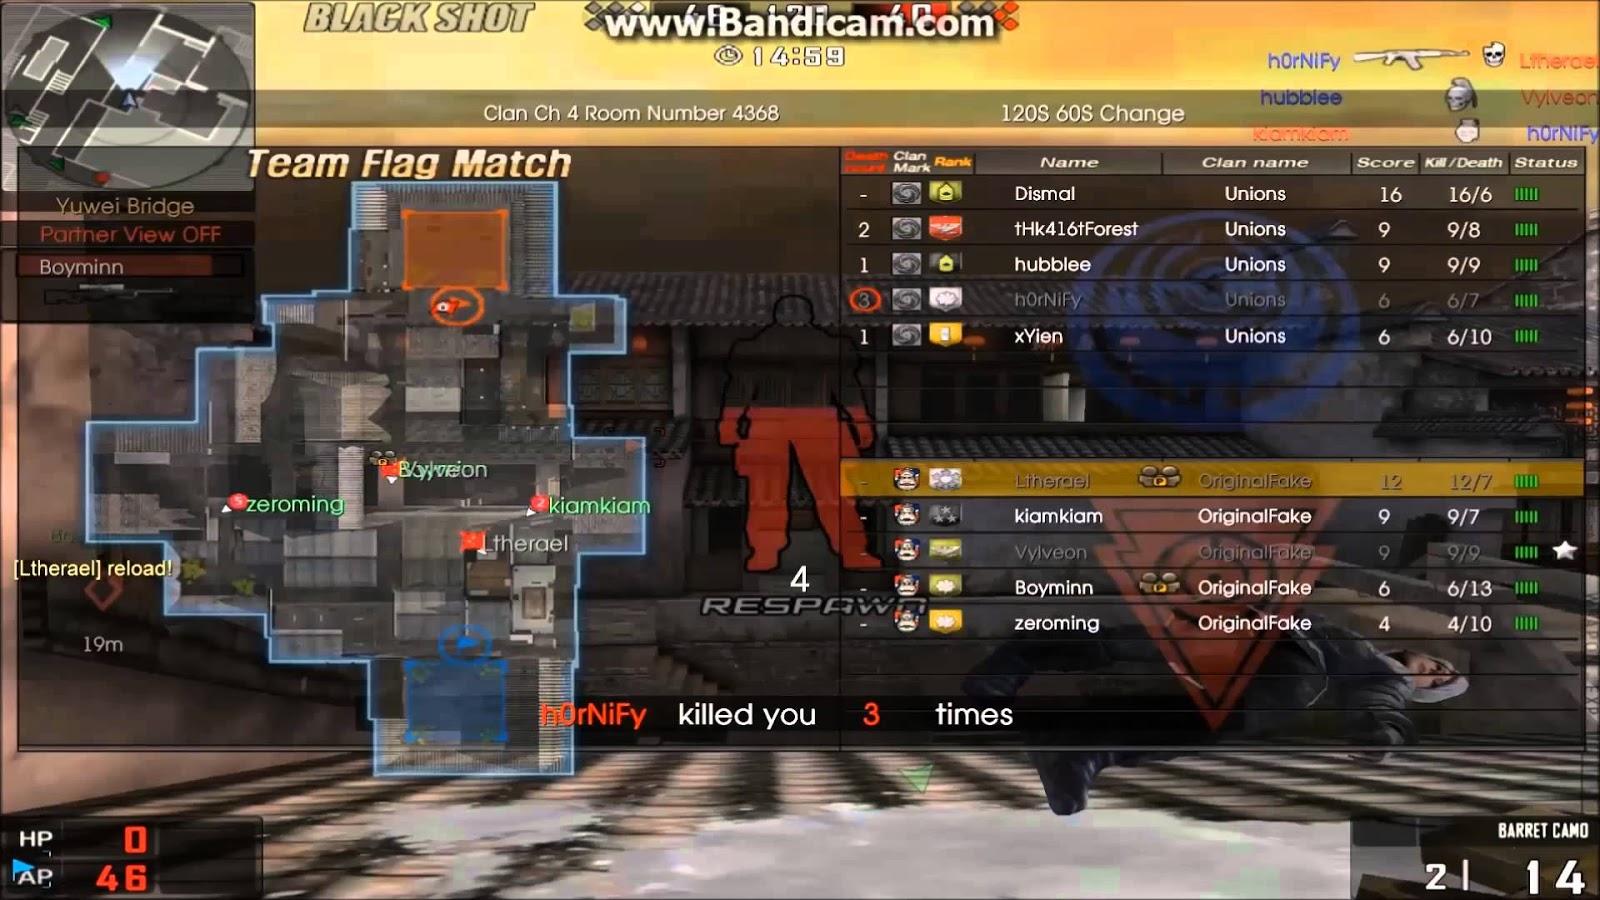 blackshot twc hack